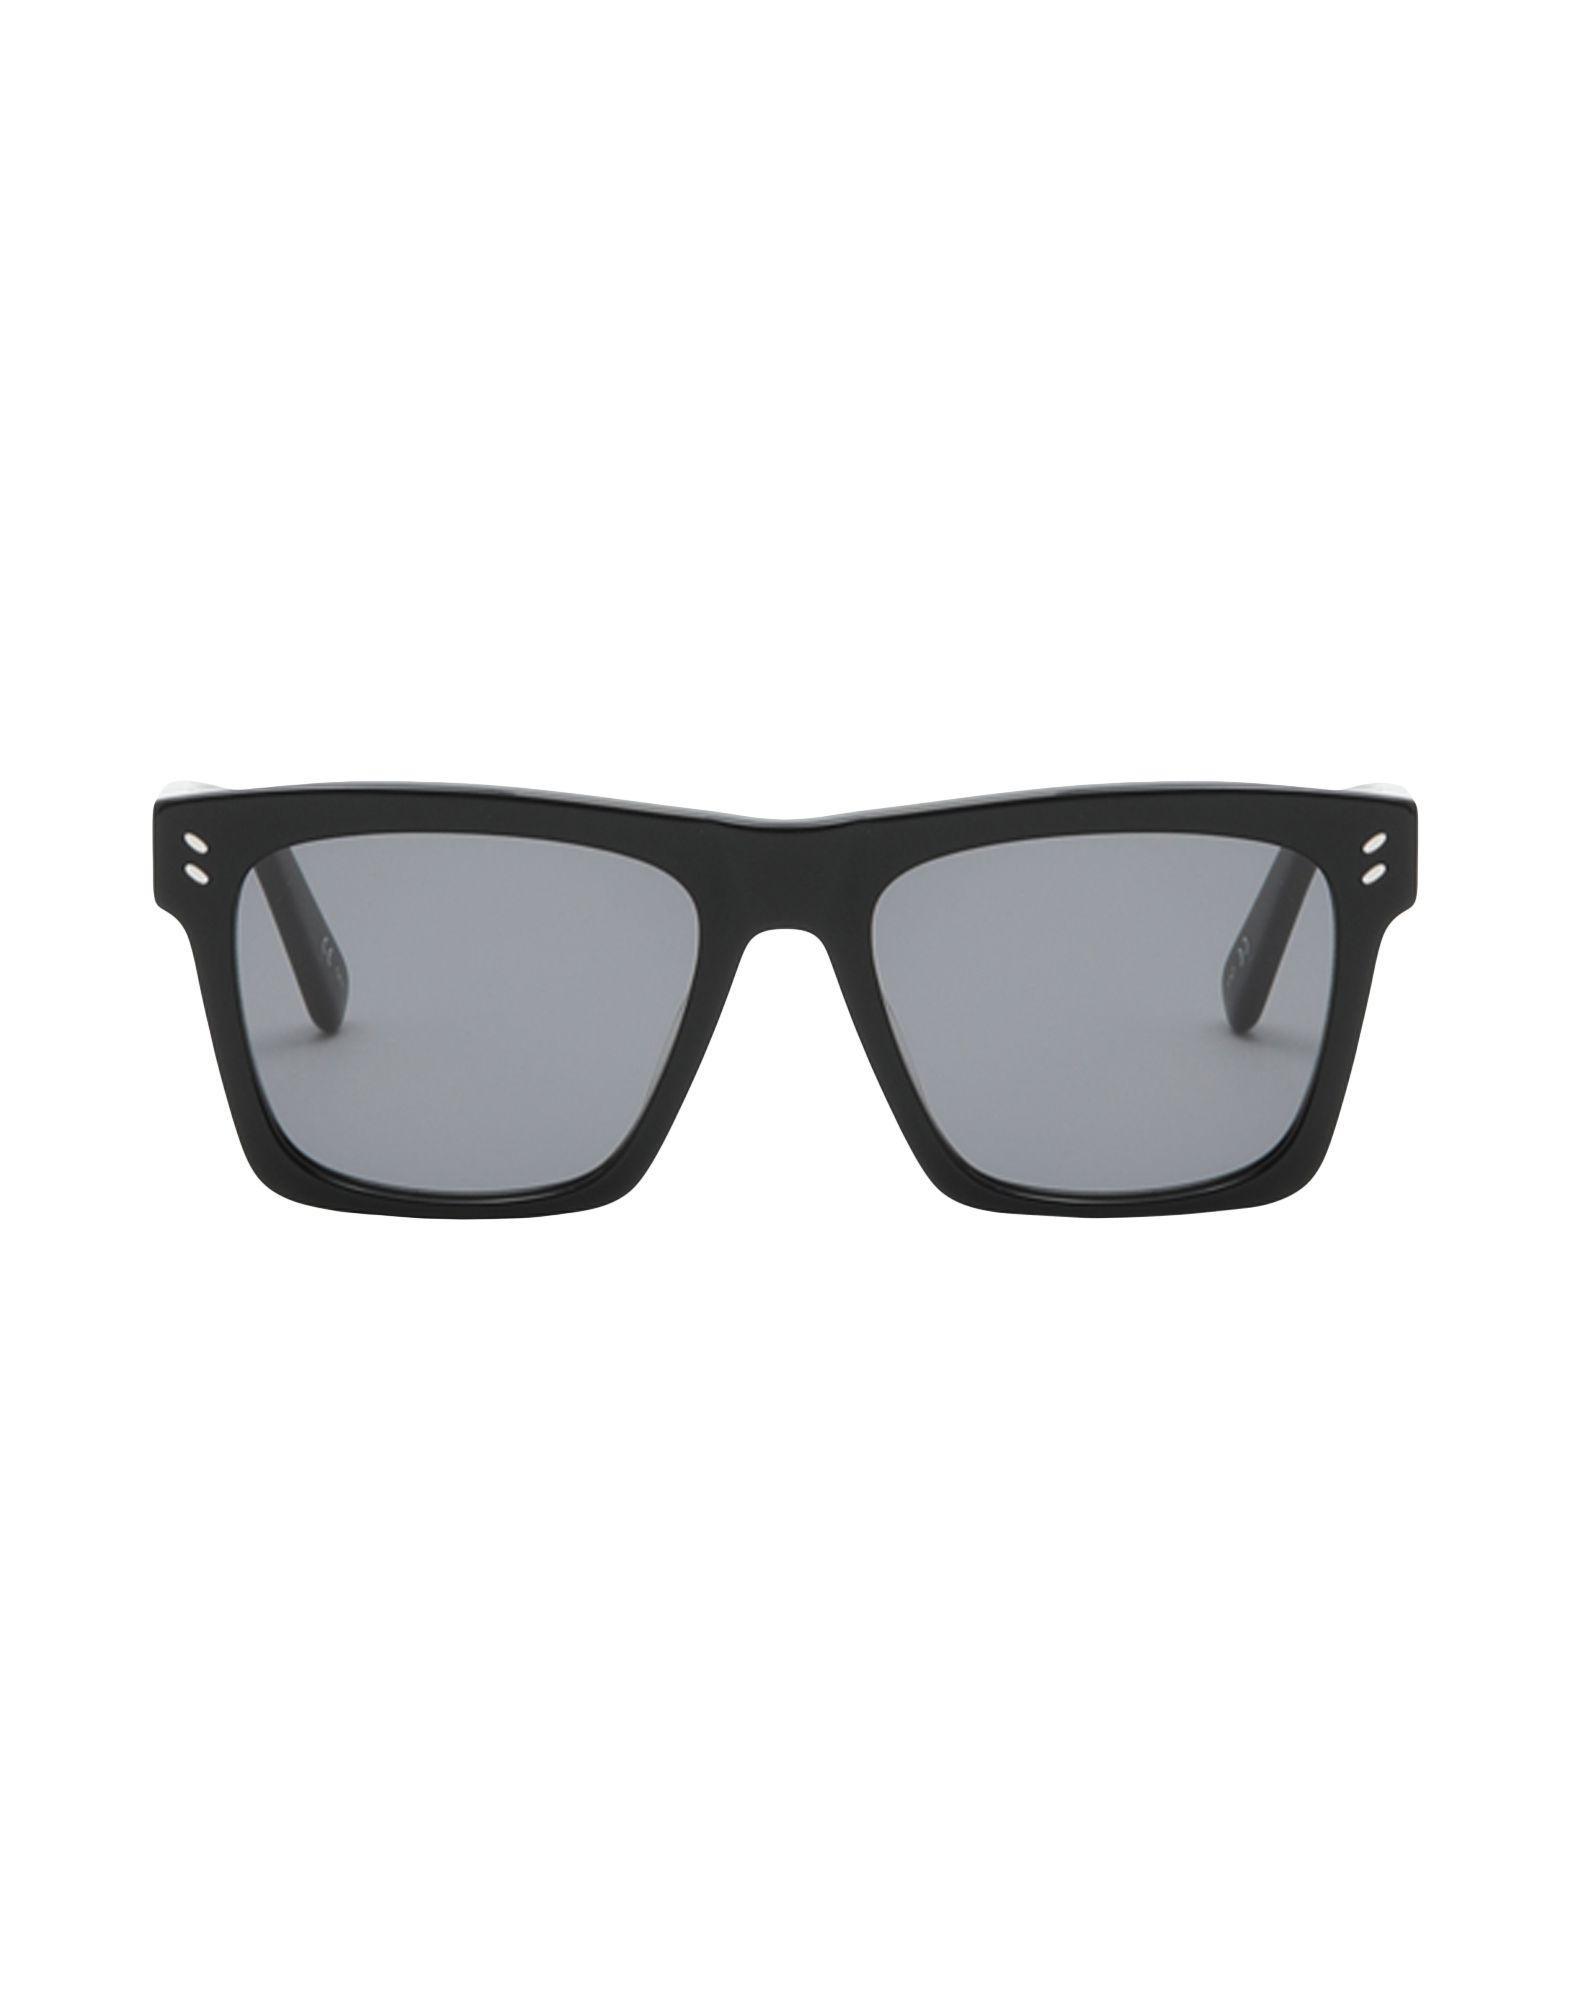 349d69774e Stella Mccartney Sunglasses in Black for Men - Lyst